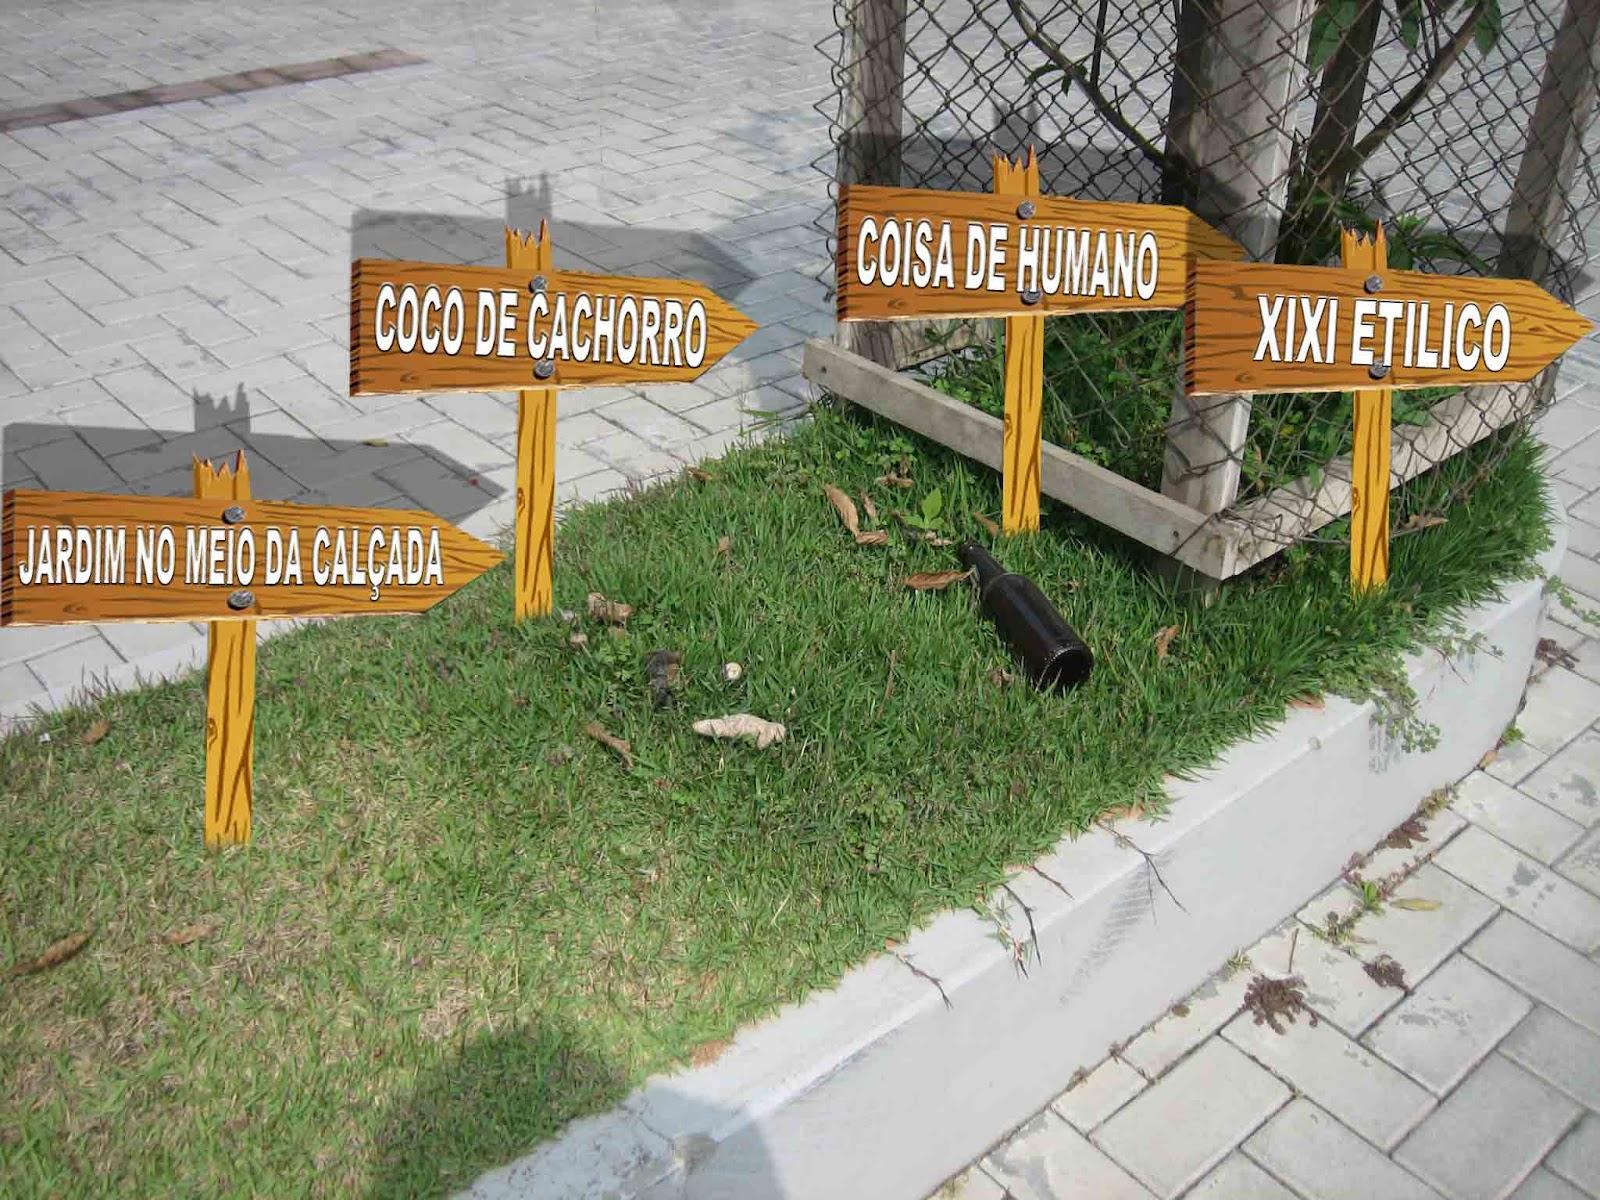 #A47027 Banheiro público de cachorro fica na calçada. 1600x1200 px Banheiro Para Cachorro Com Poste 2659